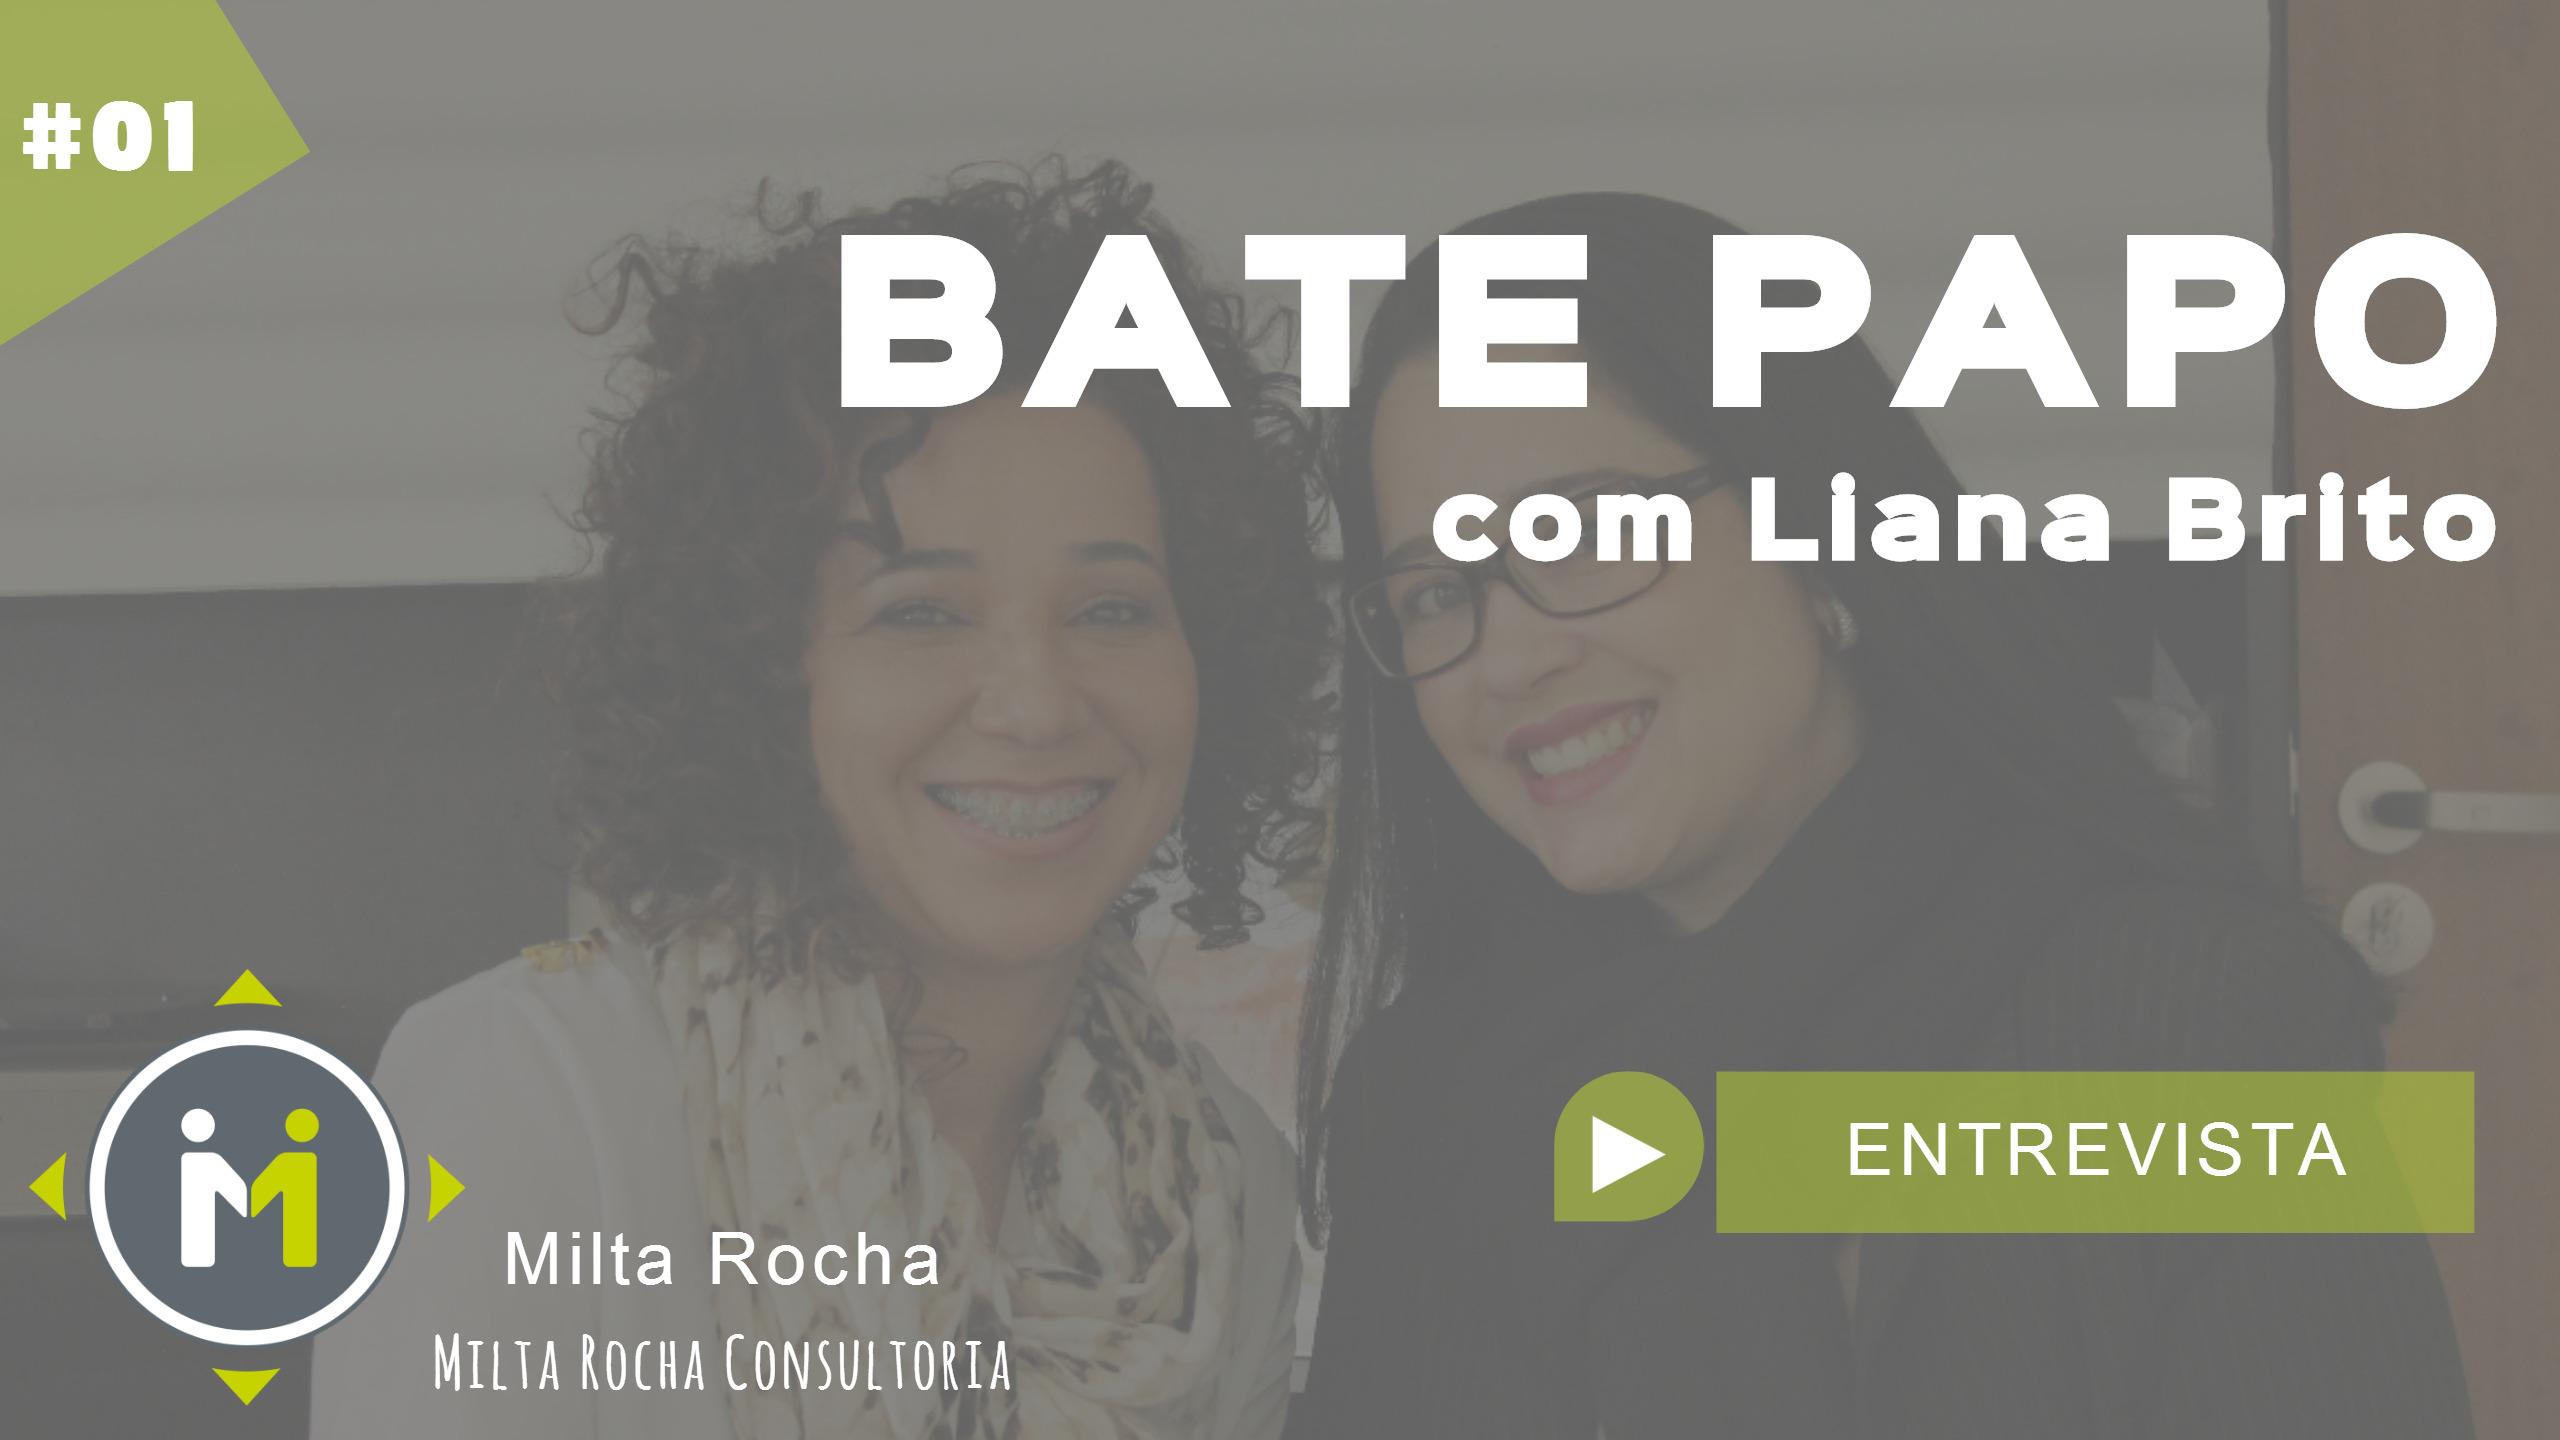 Bate Papo Milta Rocha com Liana Brito